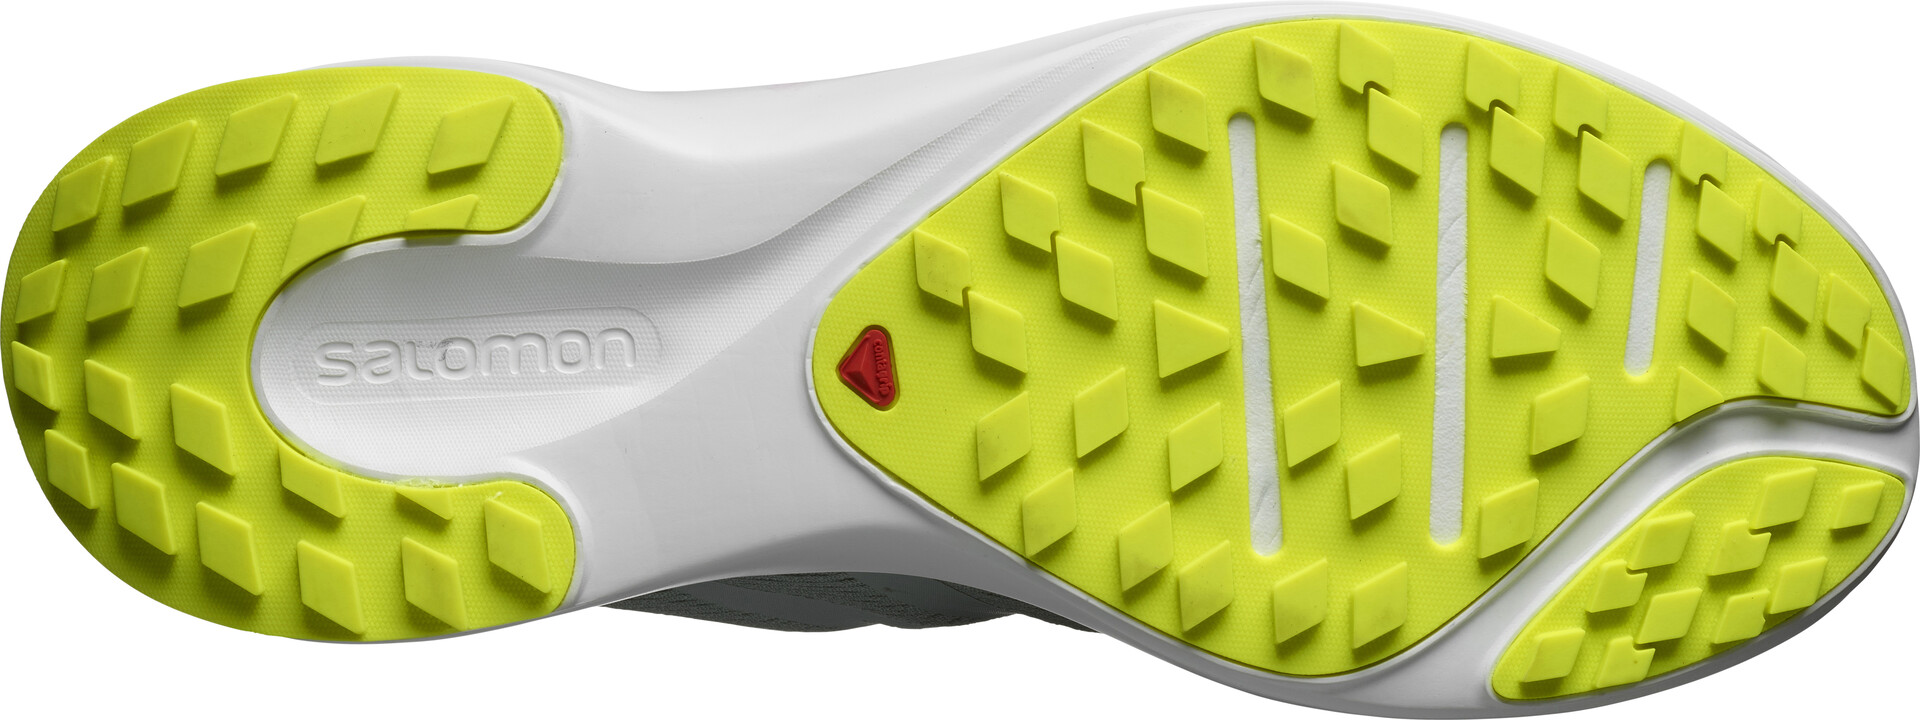 Salomon Sense Flow GTX Buty Mężczyźni, green milieuwhitesafety yellow